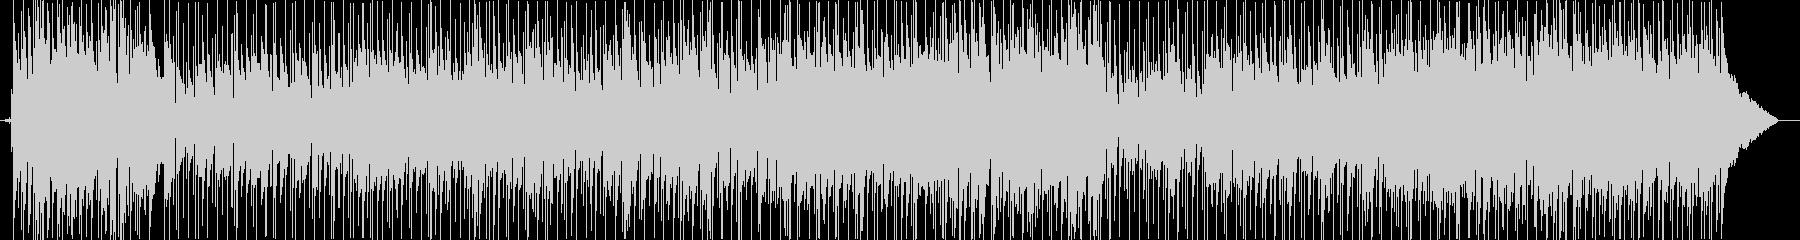 ダブルエンテンドファニークィーキーソングの未再生の波形